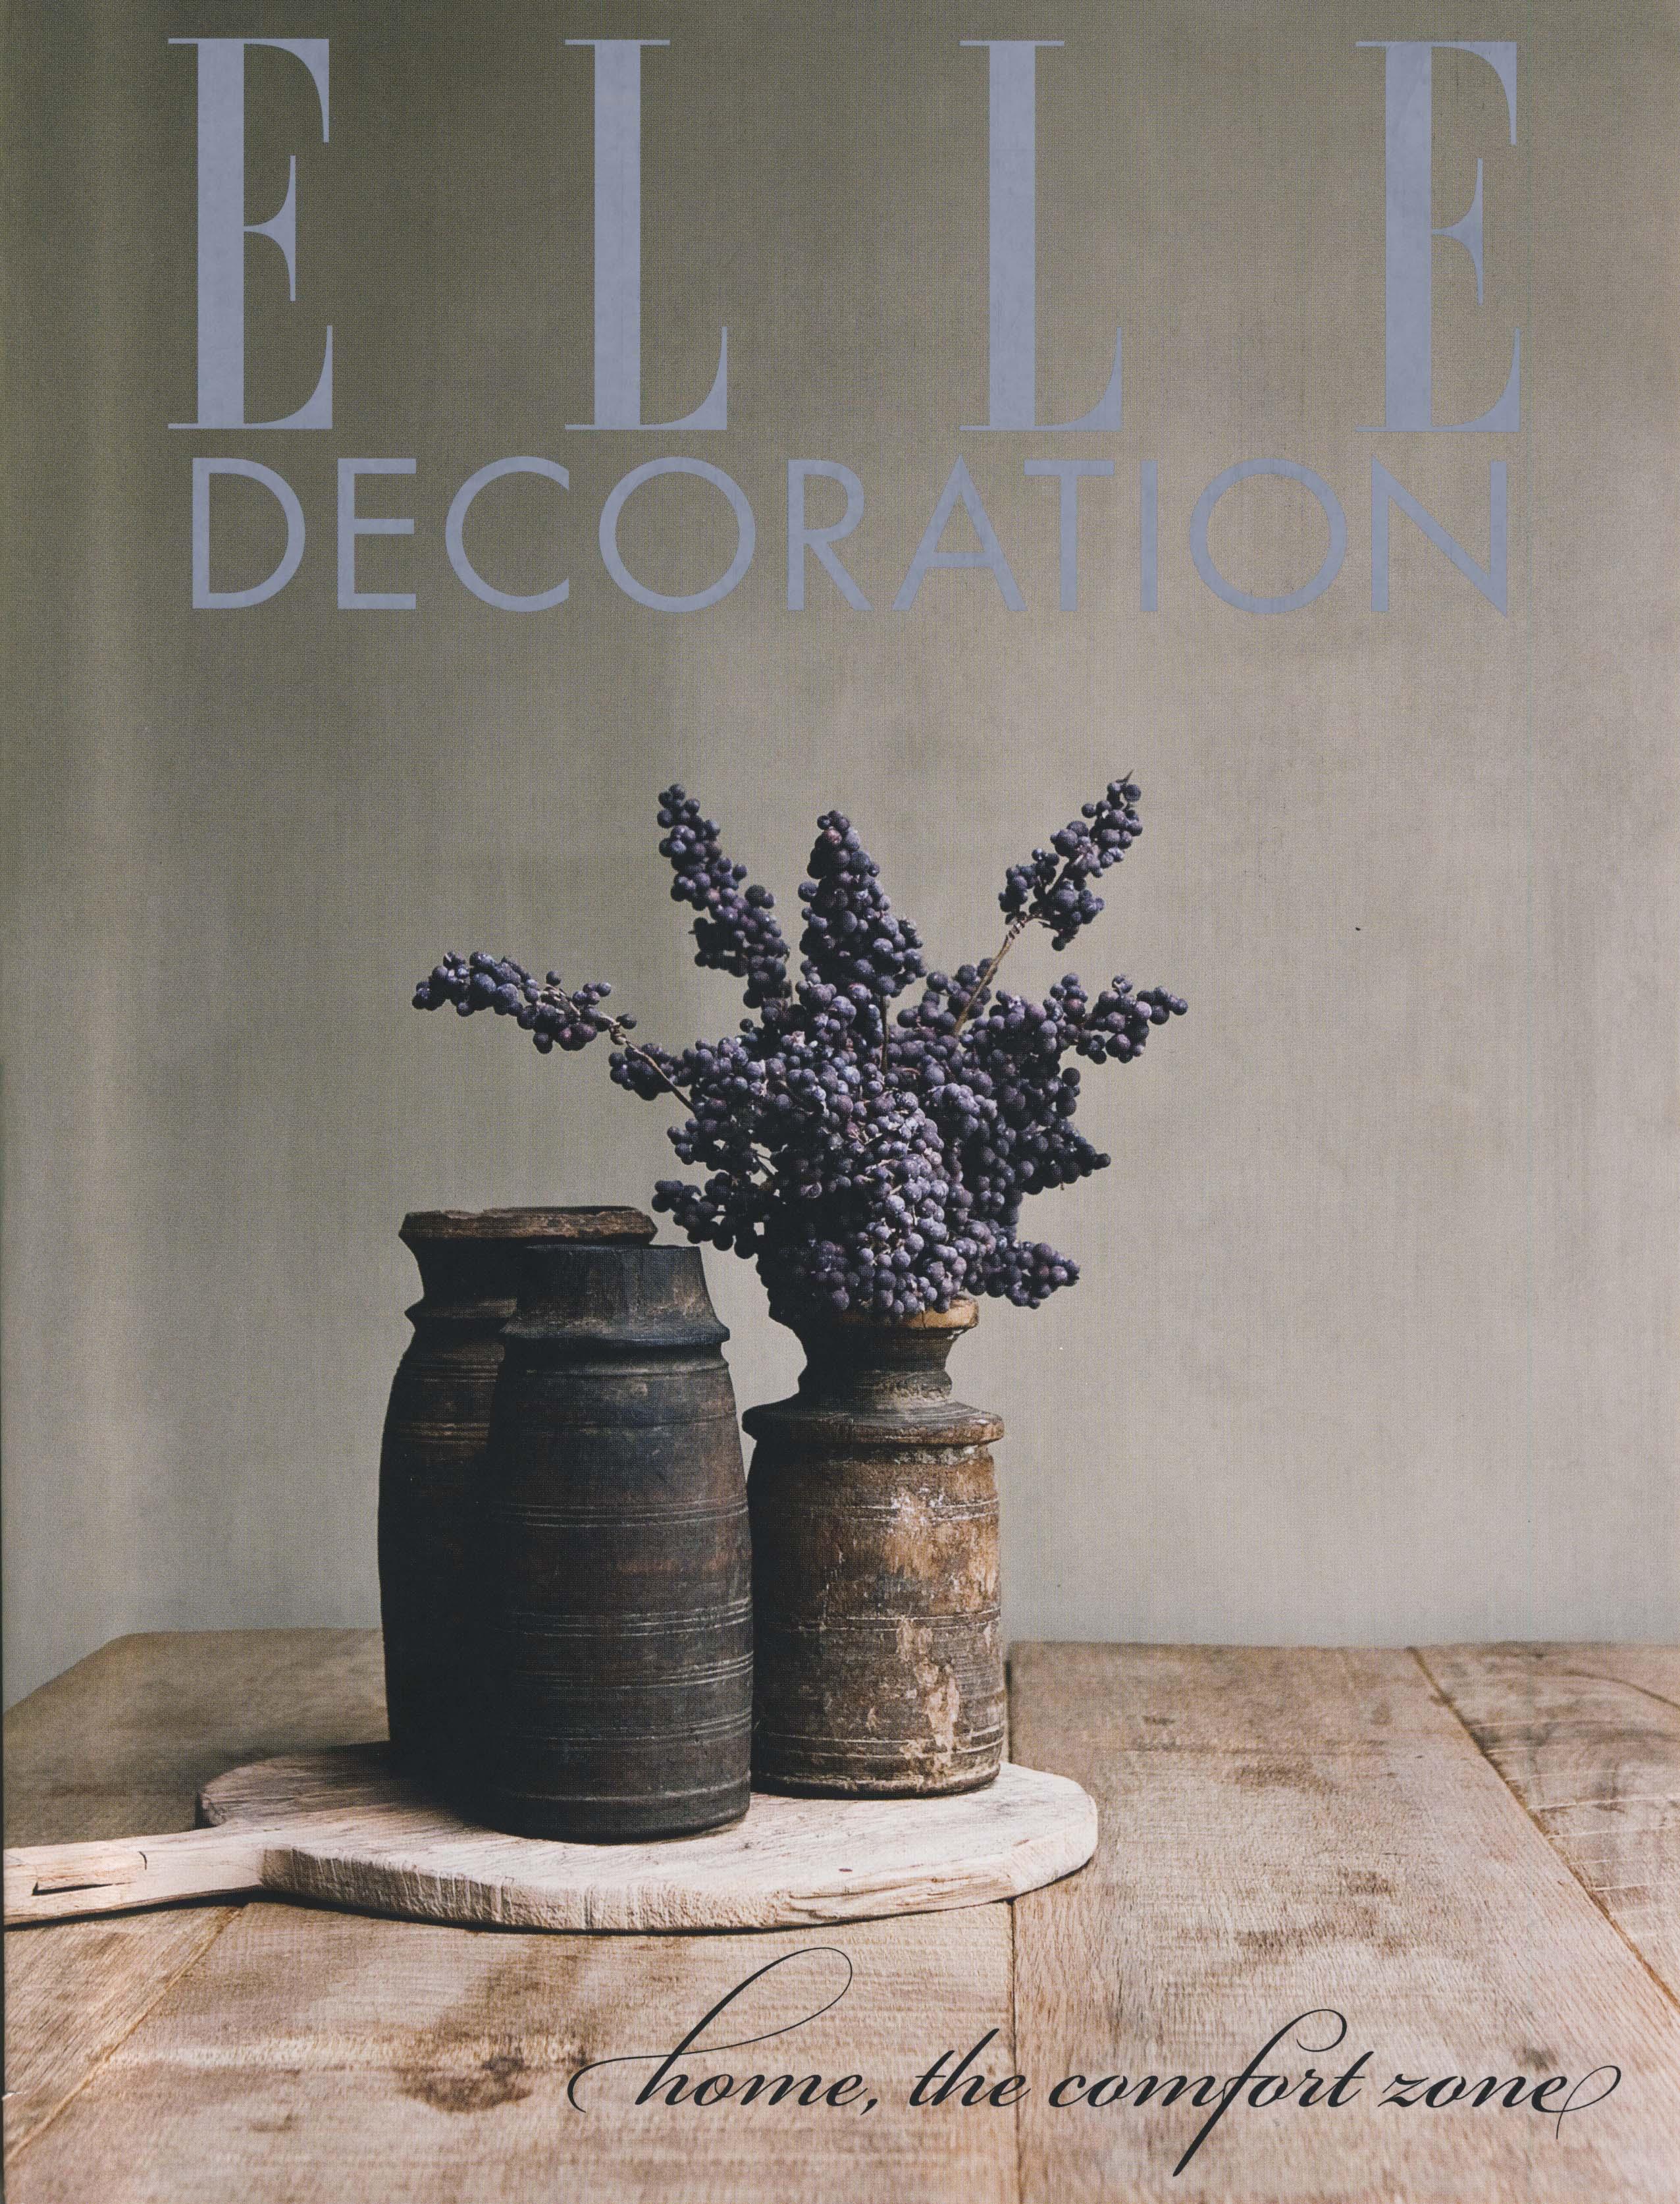 Elle Decoration_November 2013 cover